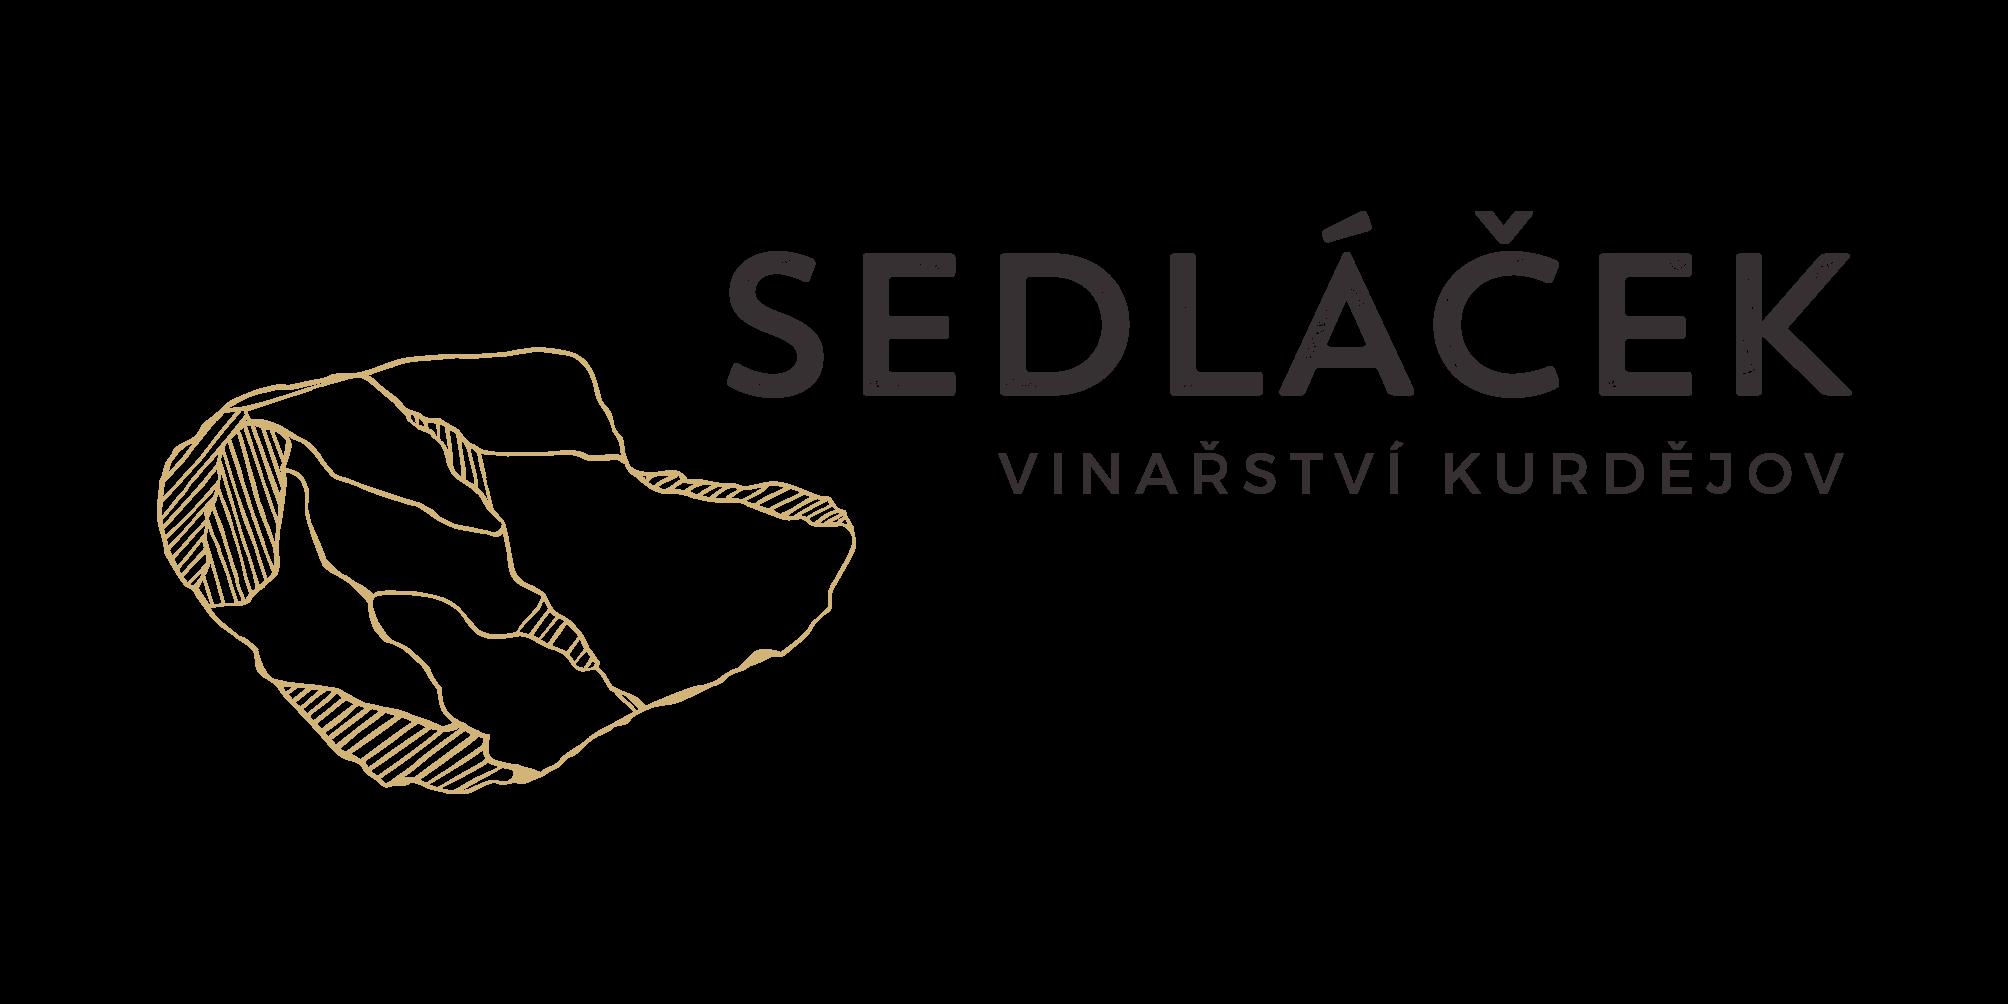 Sedláček vinařství Kurdějov